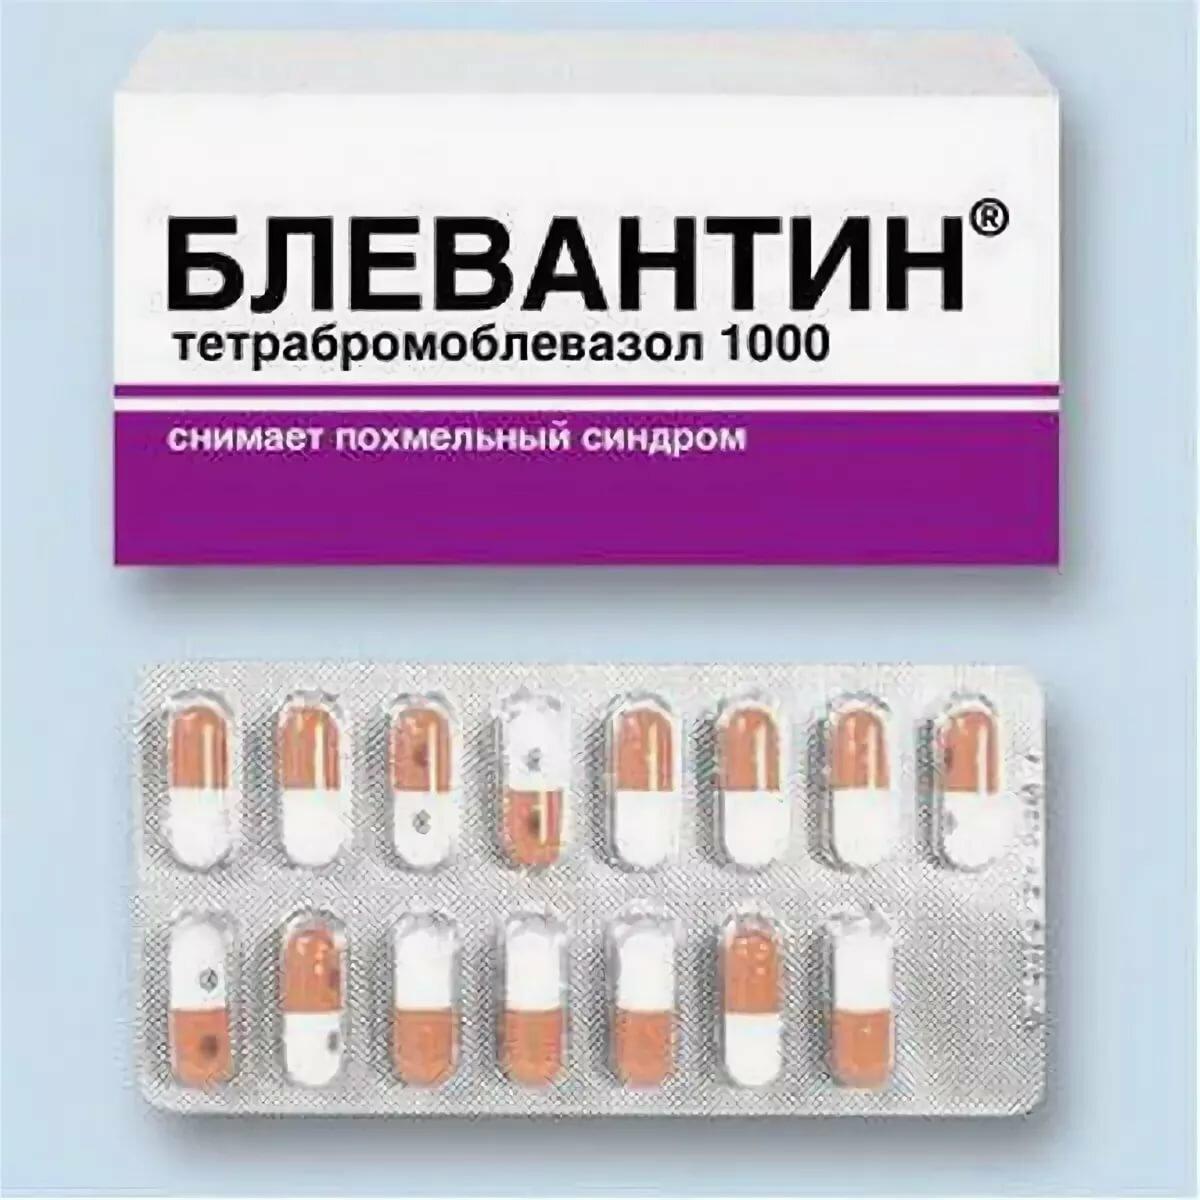 Лекарства картинки прикольные